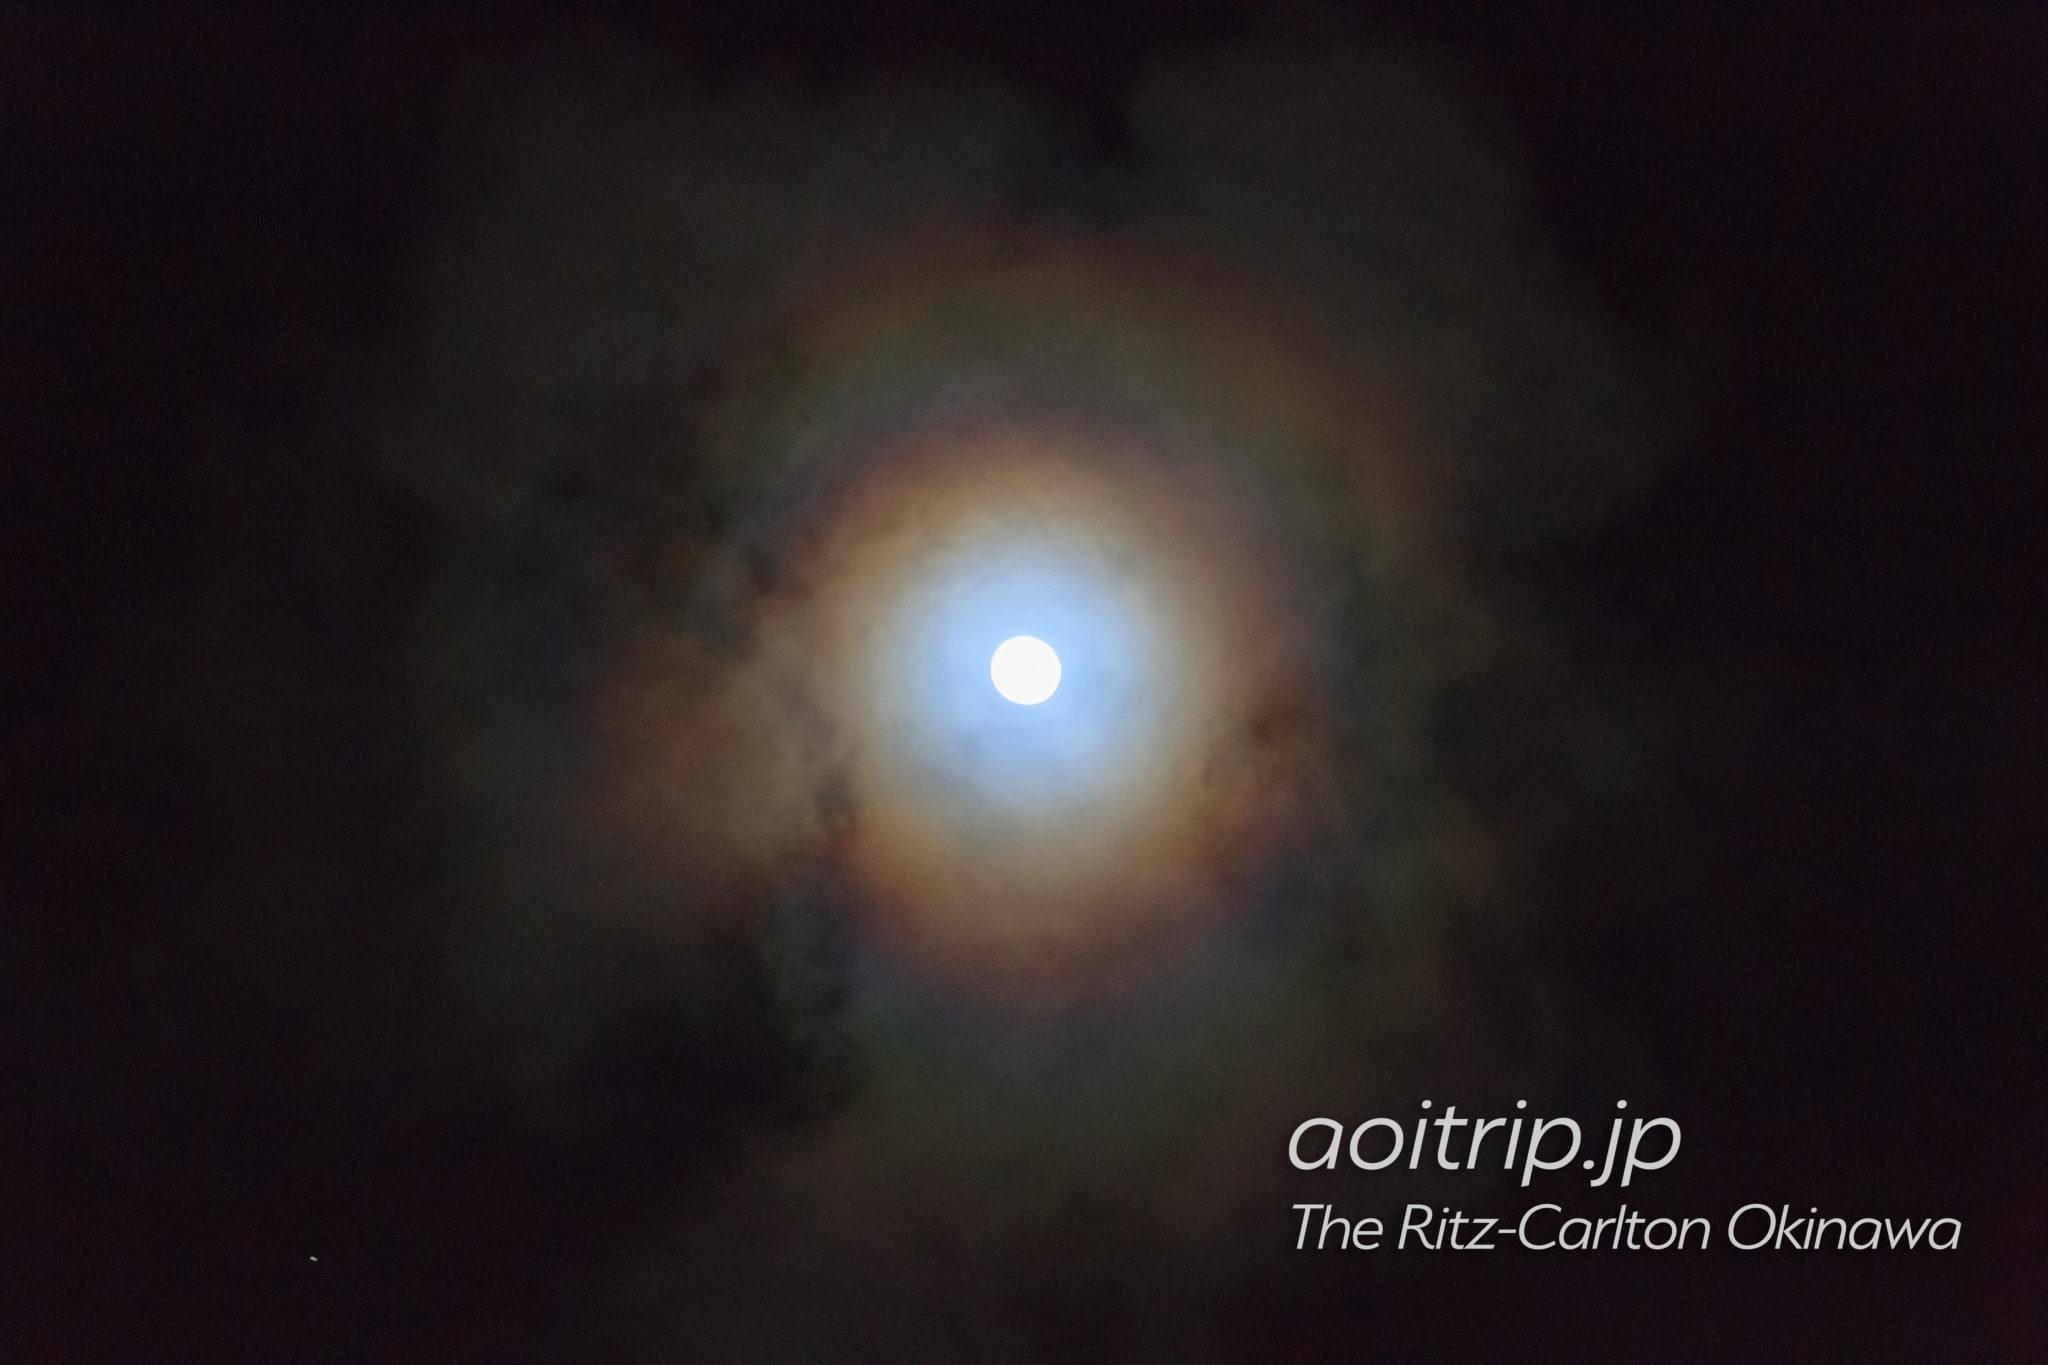 月暈(げつうん、月の周りに七色の輪ができる現象)